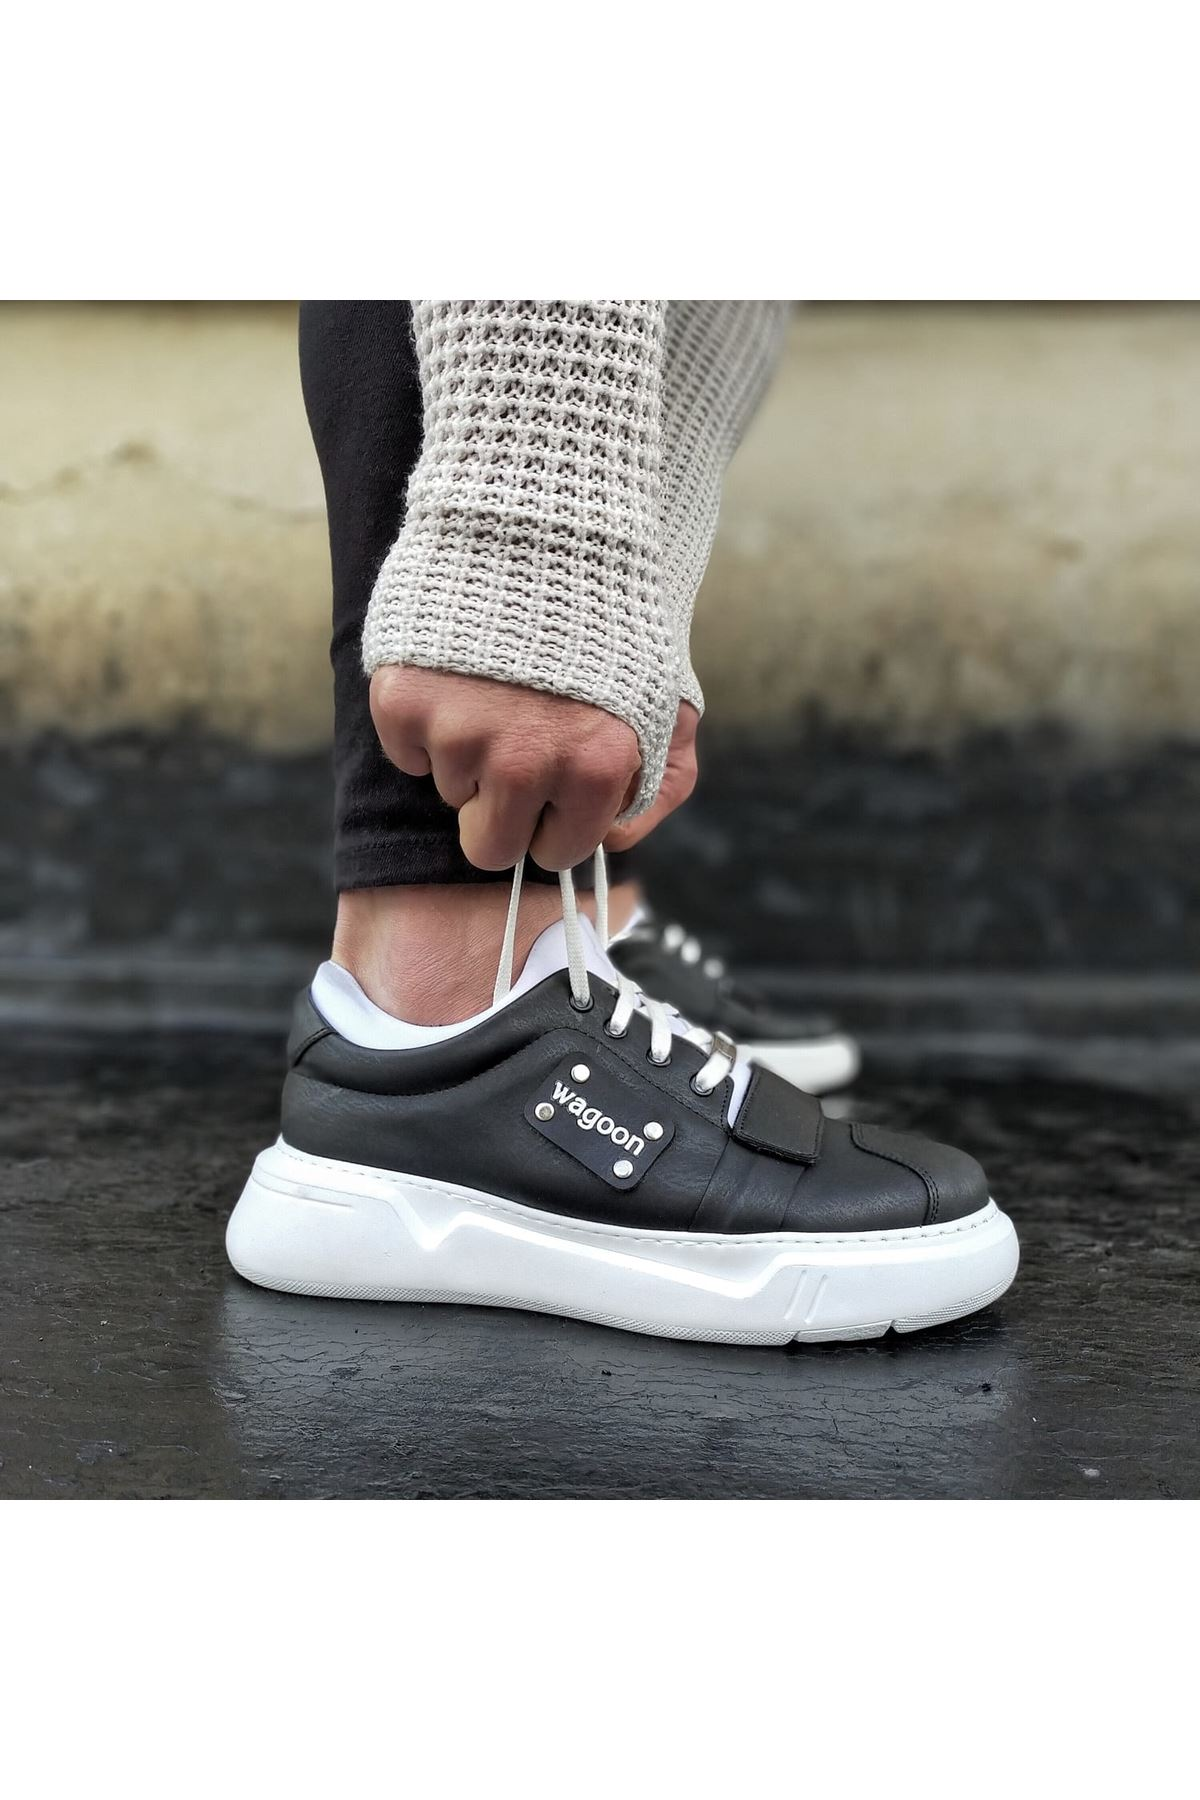 Wagoon WG018 Siyah Beyaz Erkek Yüksek Taban Ayakkabı